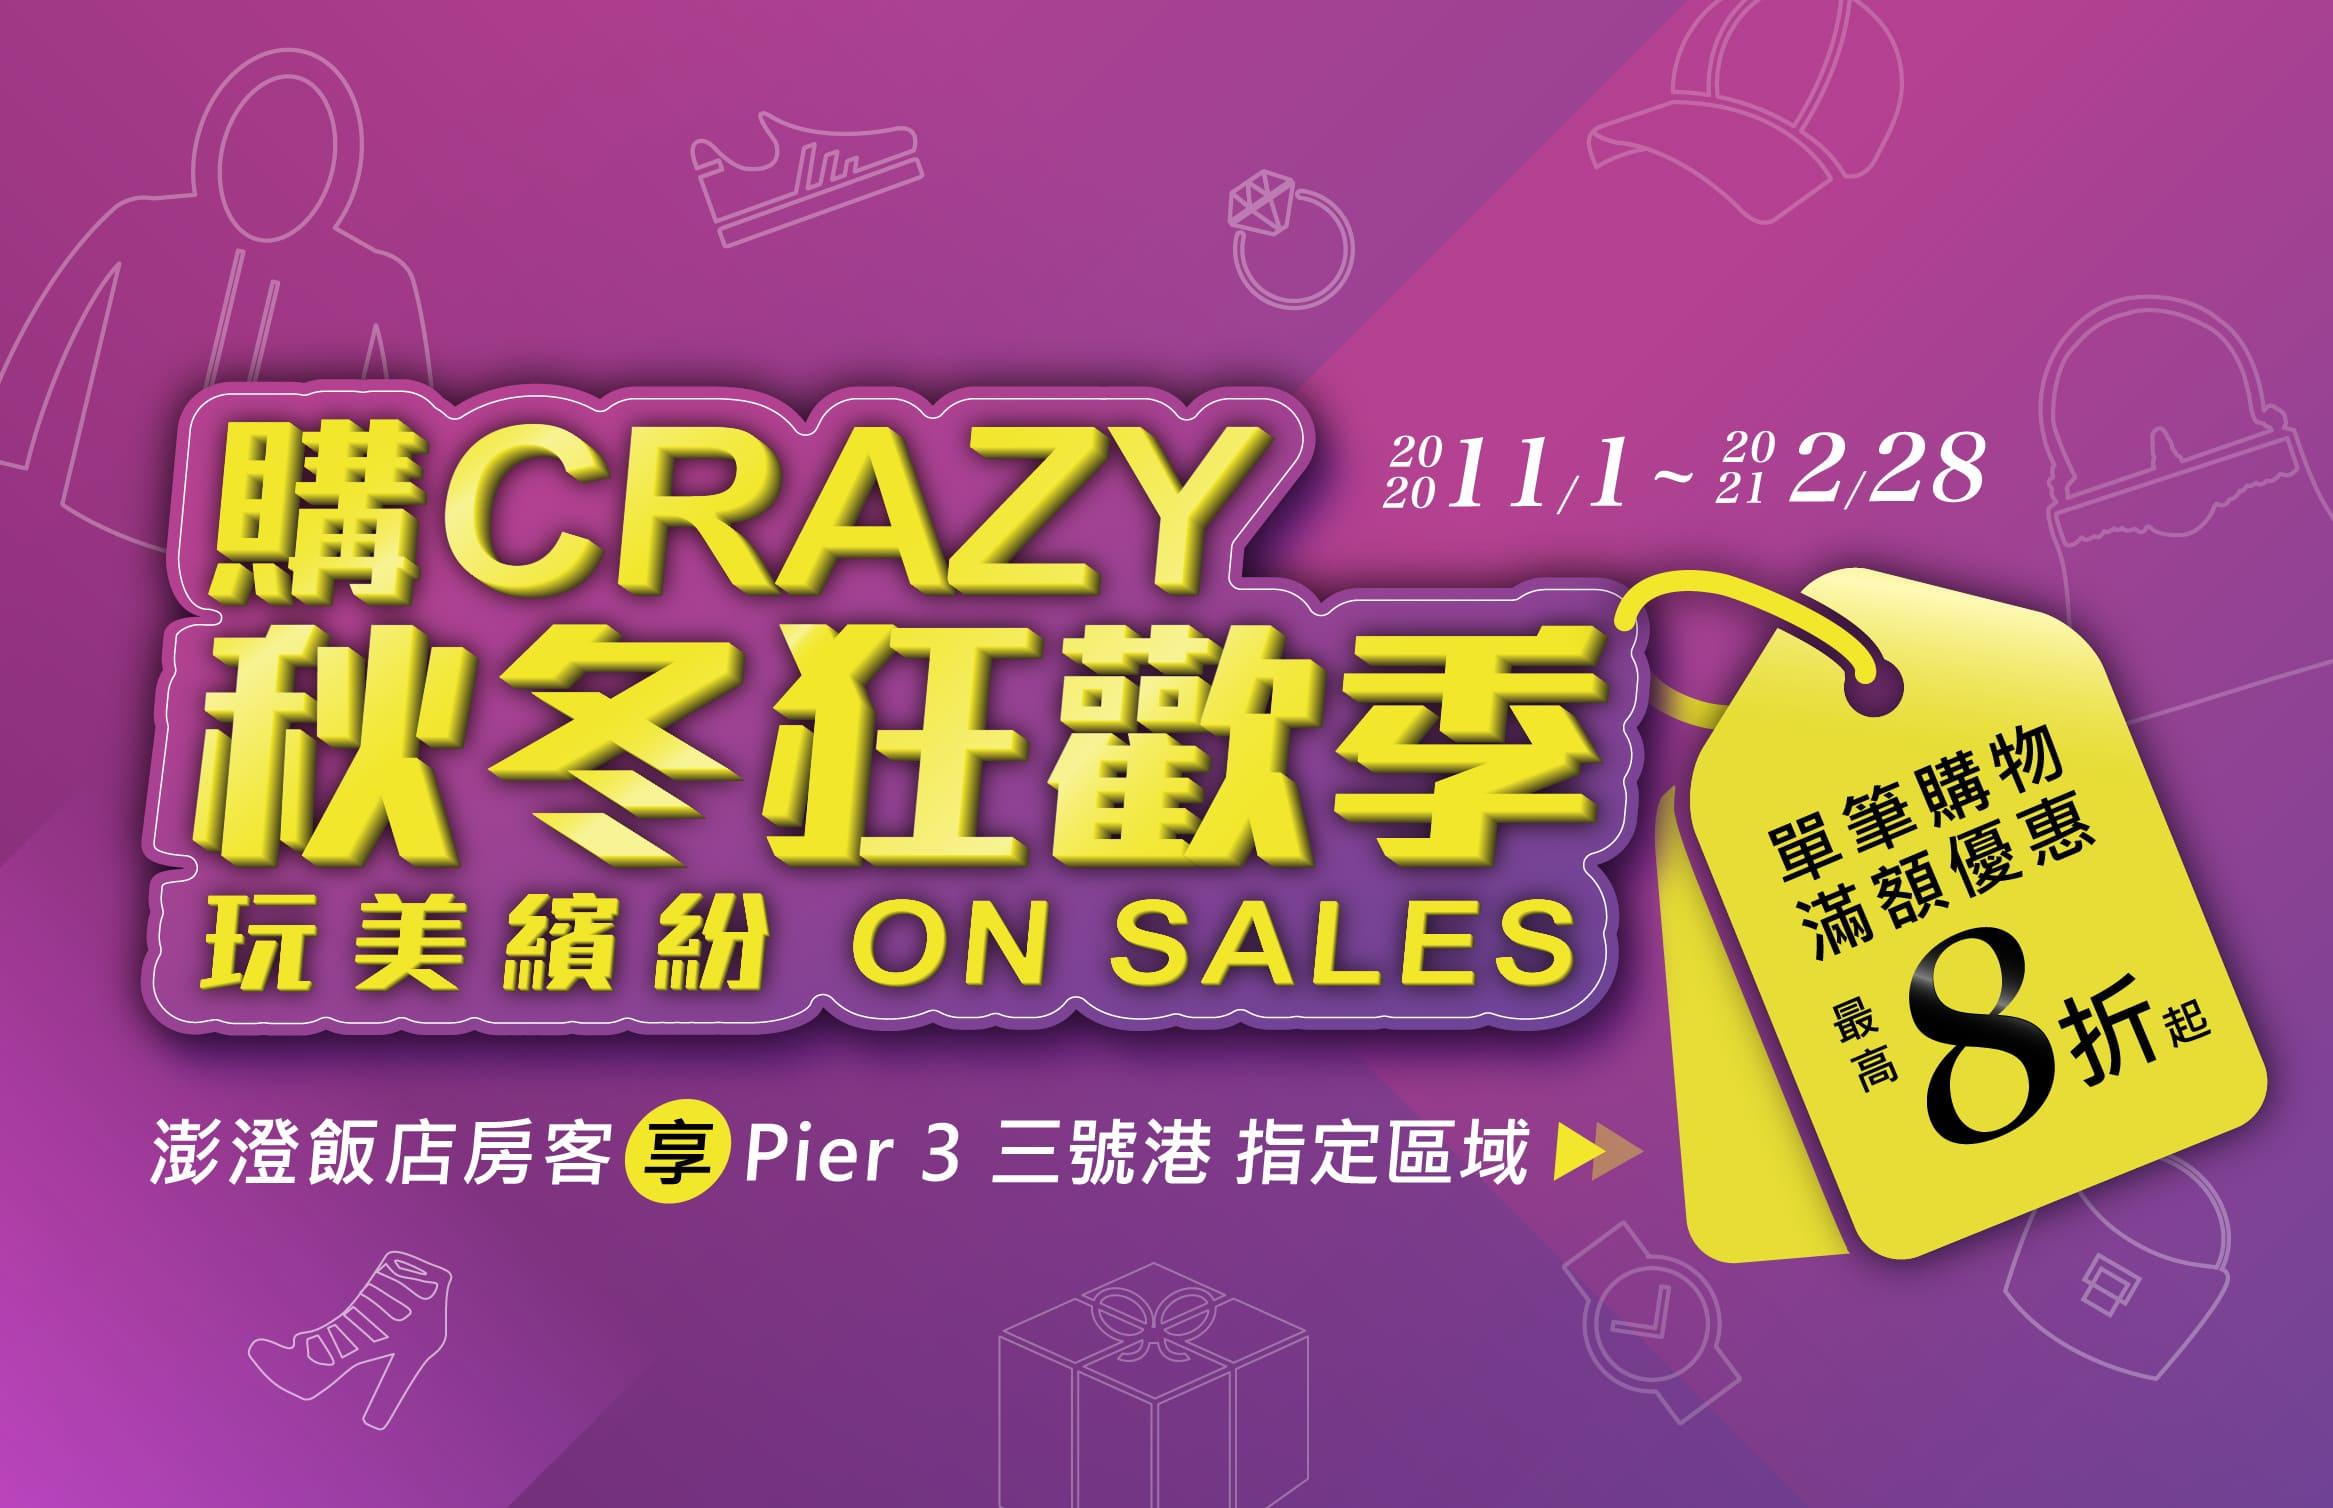 11-2月 玩美繽紛On Sale!購Crazy秋冬狂歡季11月開跑